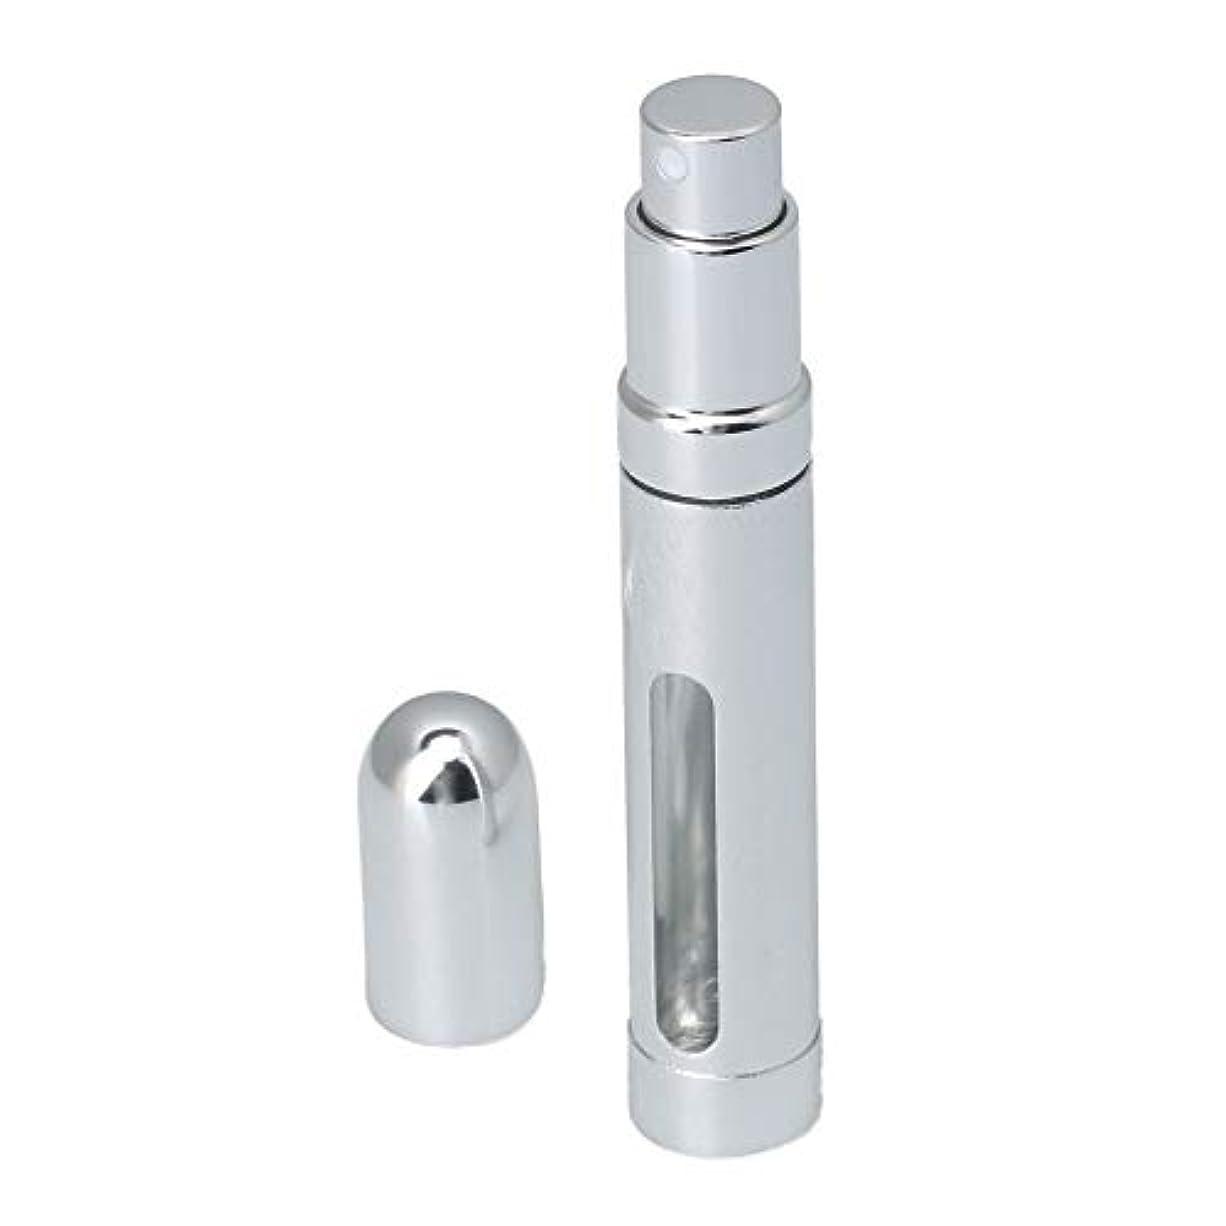 棚ハードウェア混乱させるKaityoffice 丸チューブ香水瓶 スプレーボト 陽極酸化アルミカバー 窓付 12ml シルバー